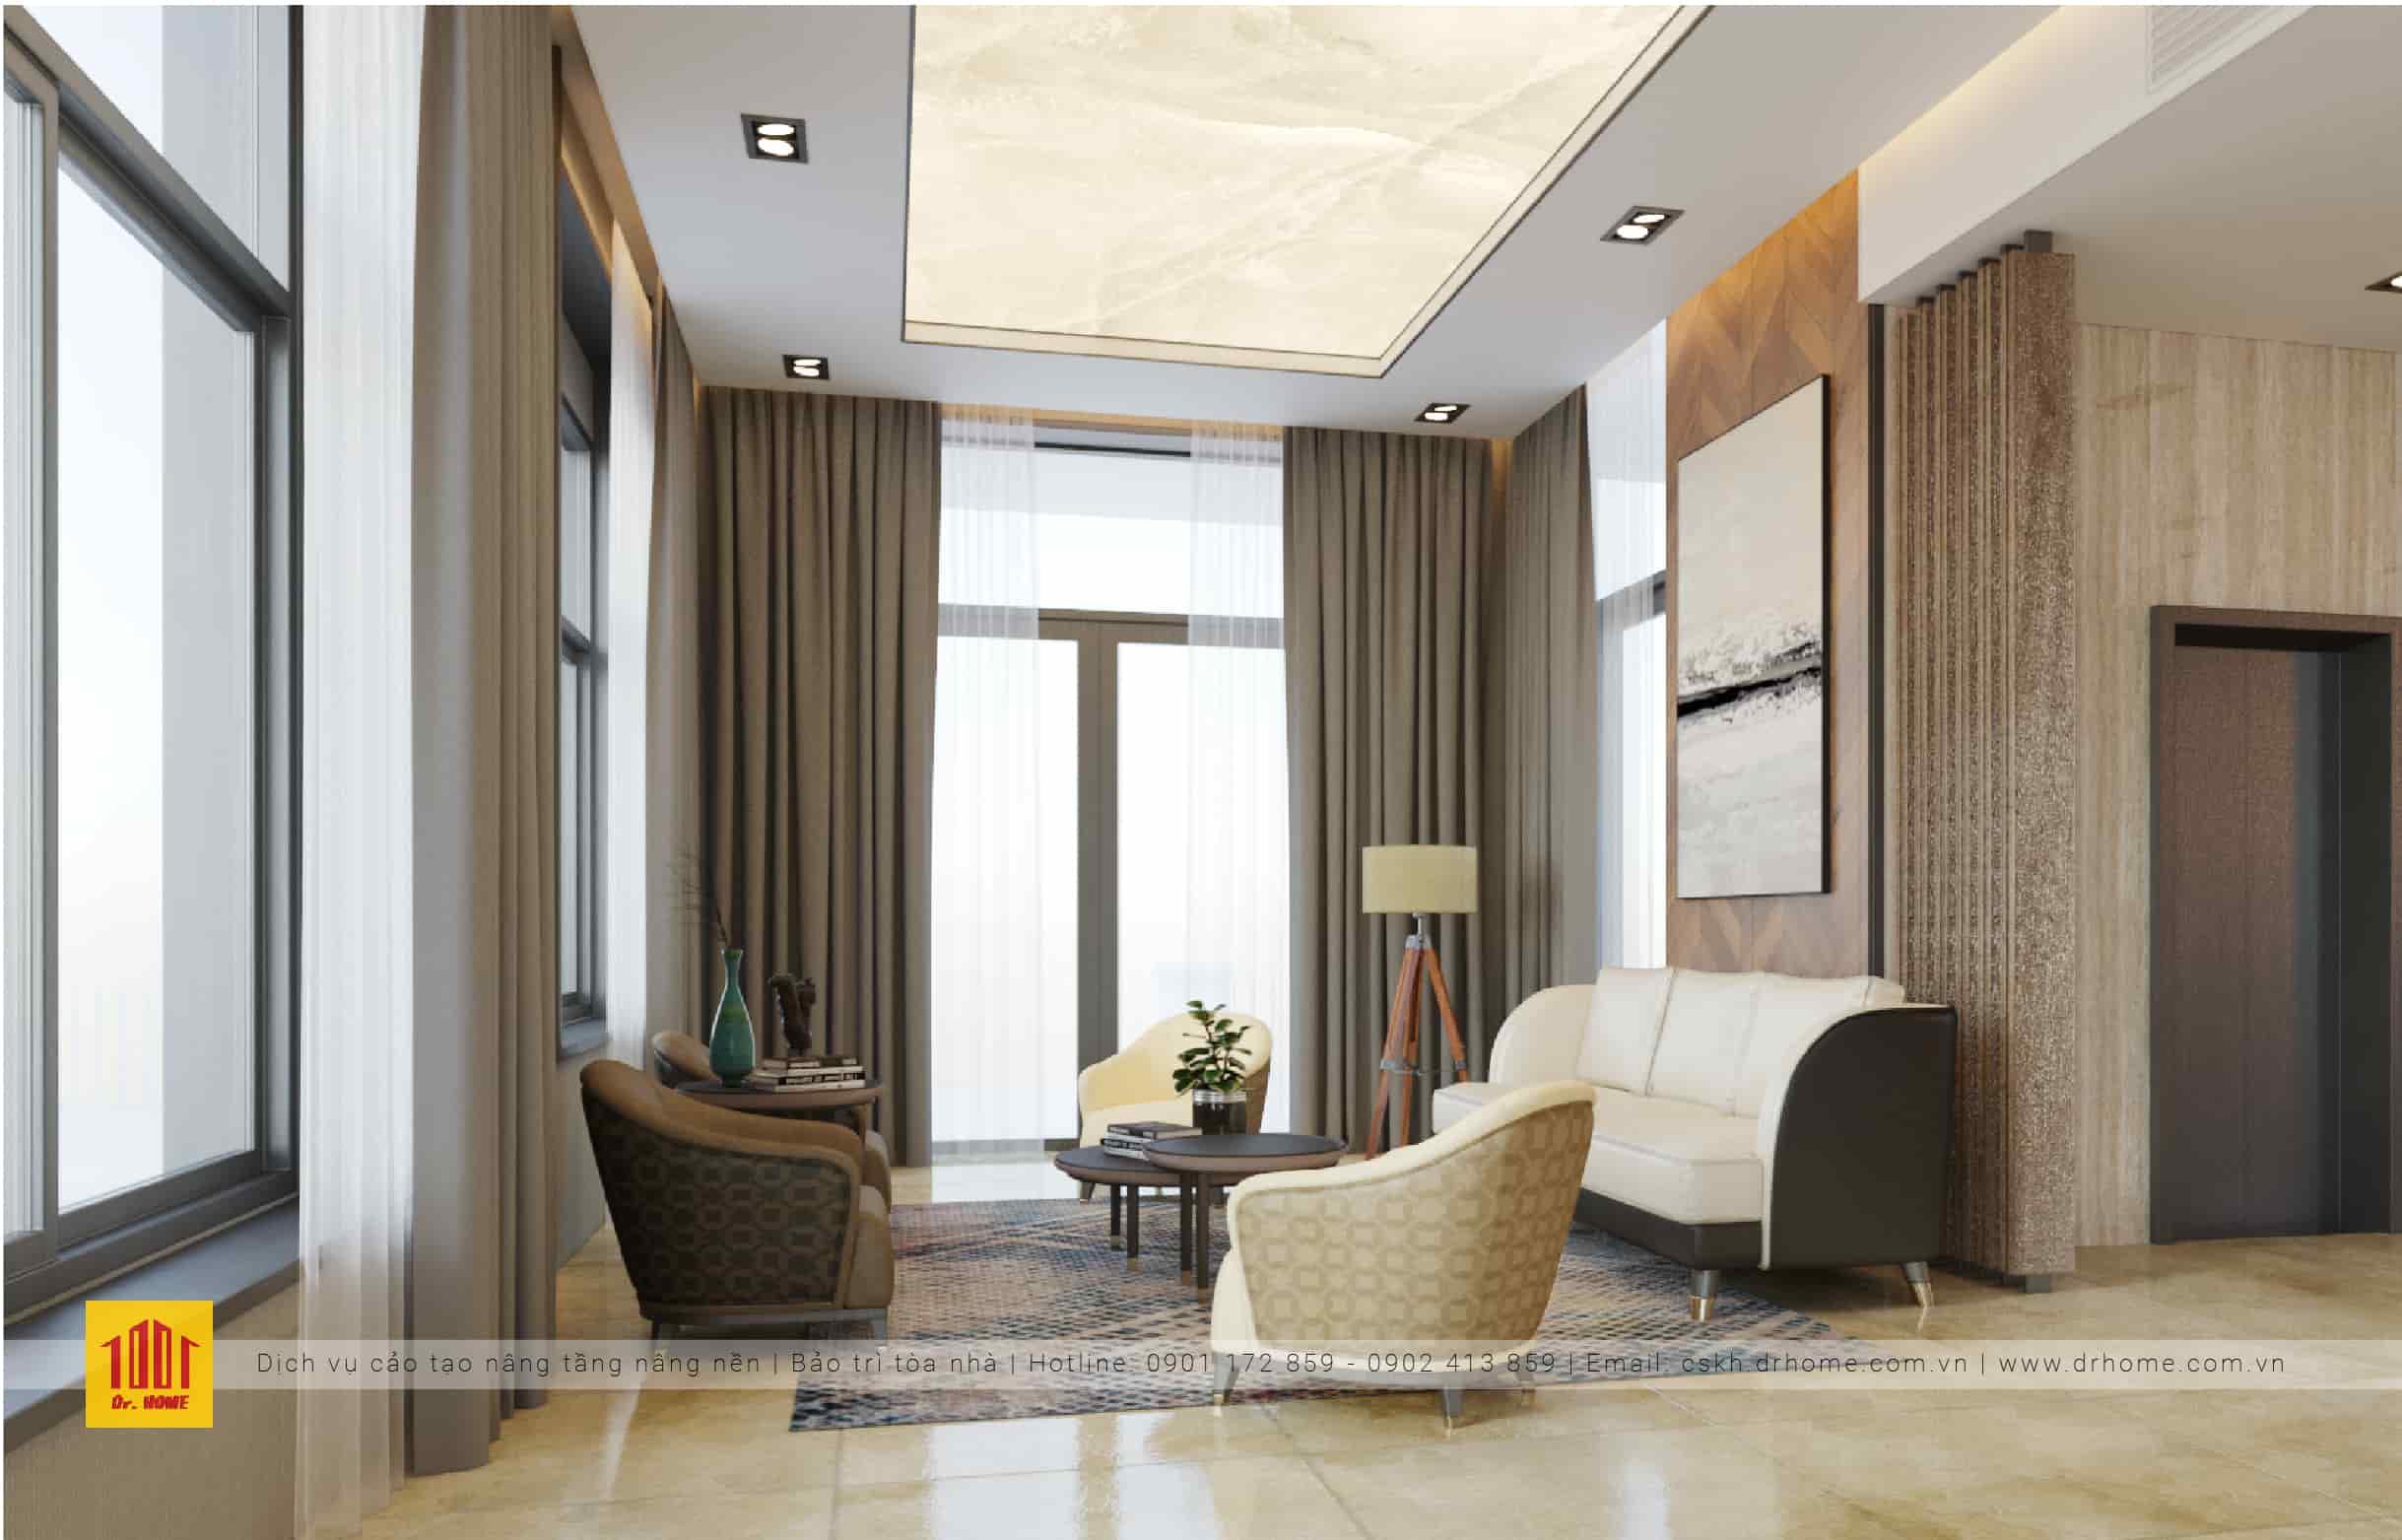 Doctor Home thiết kế mẫu nhà biệt thự đẹp